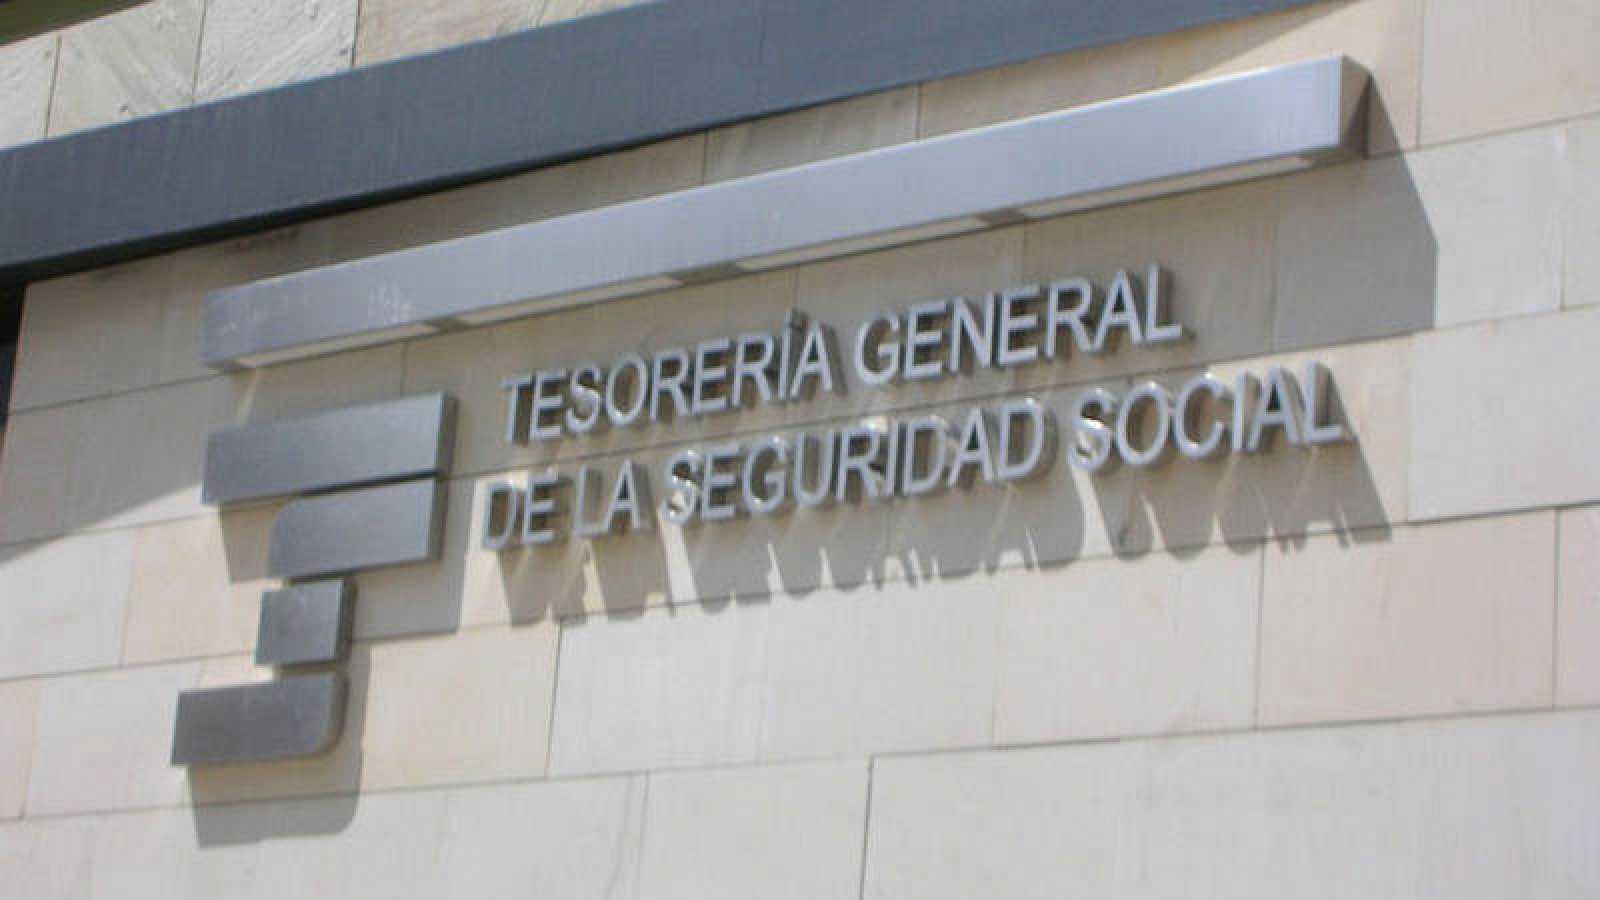 Seguridad Social / CanariasNoticias.es